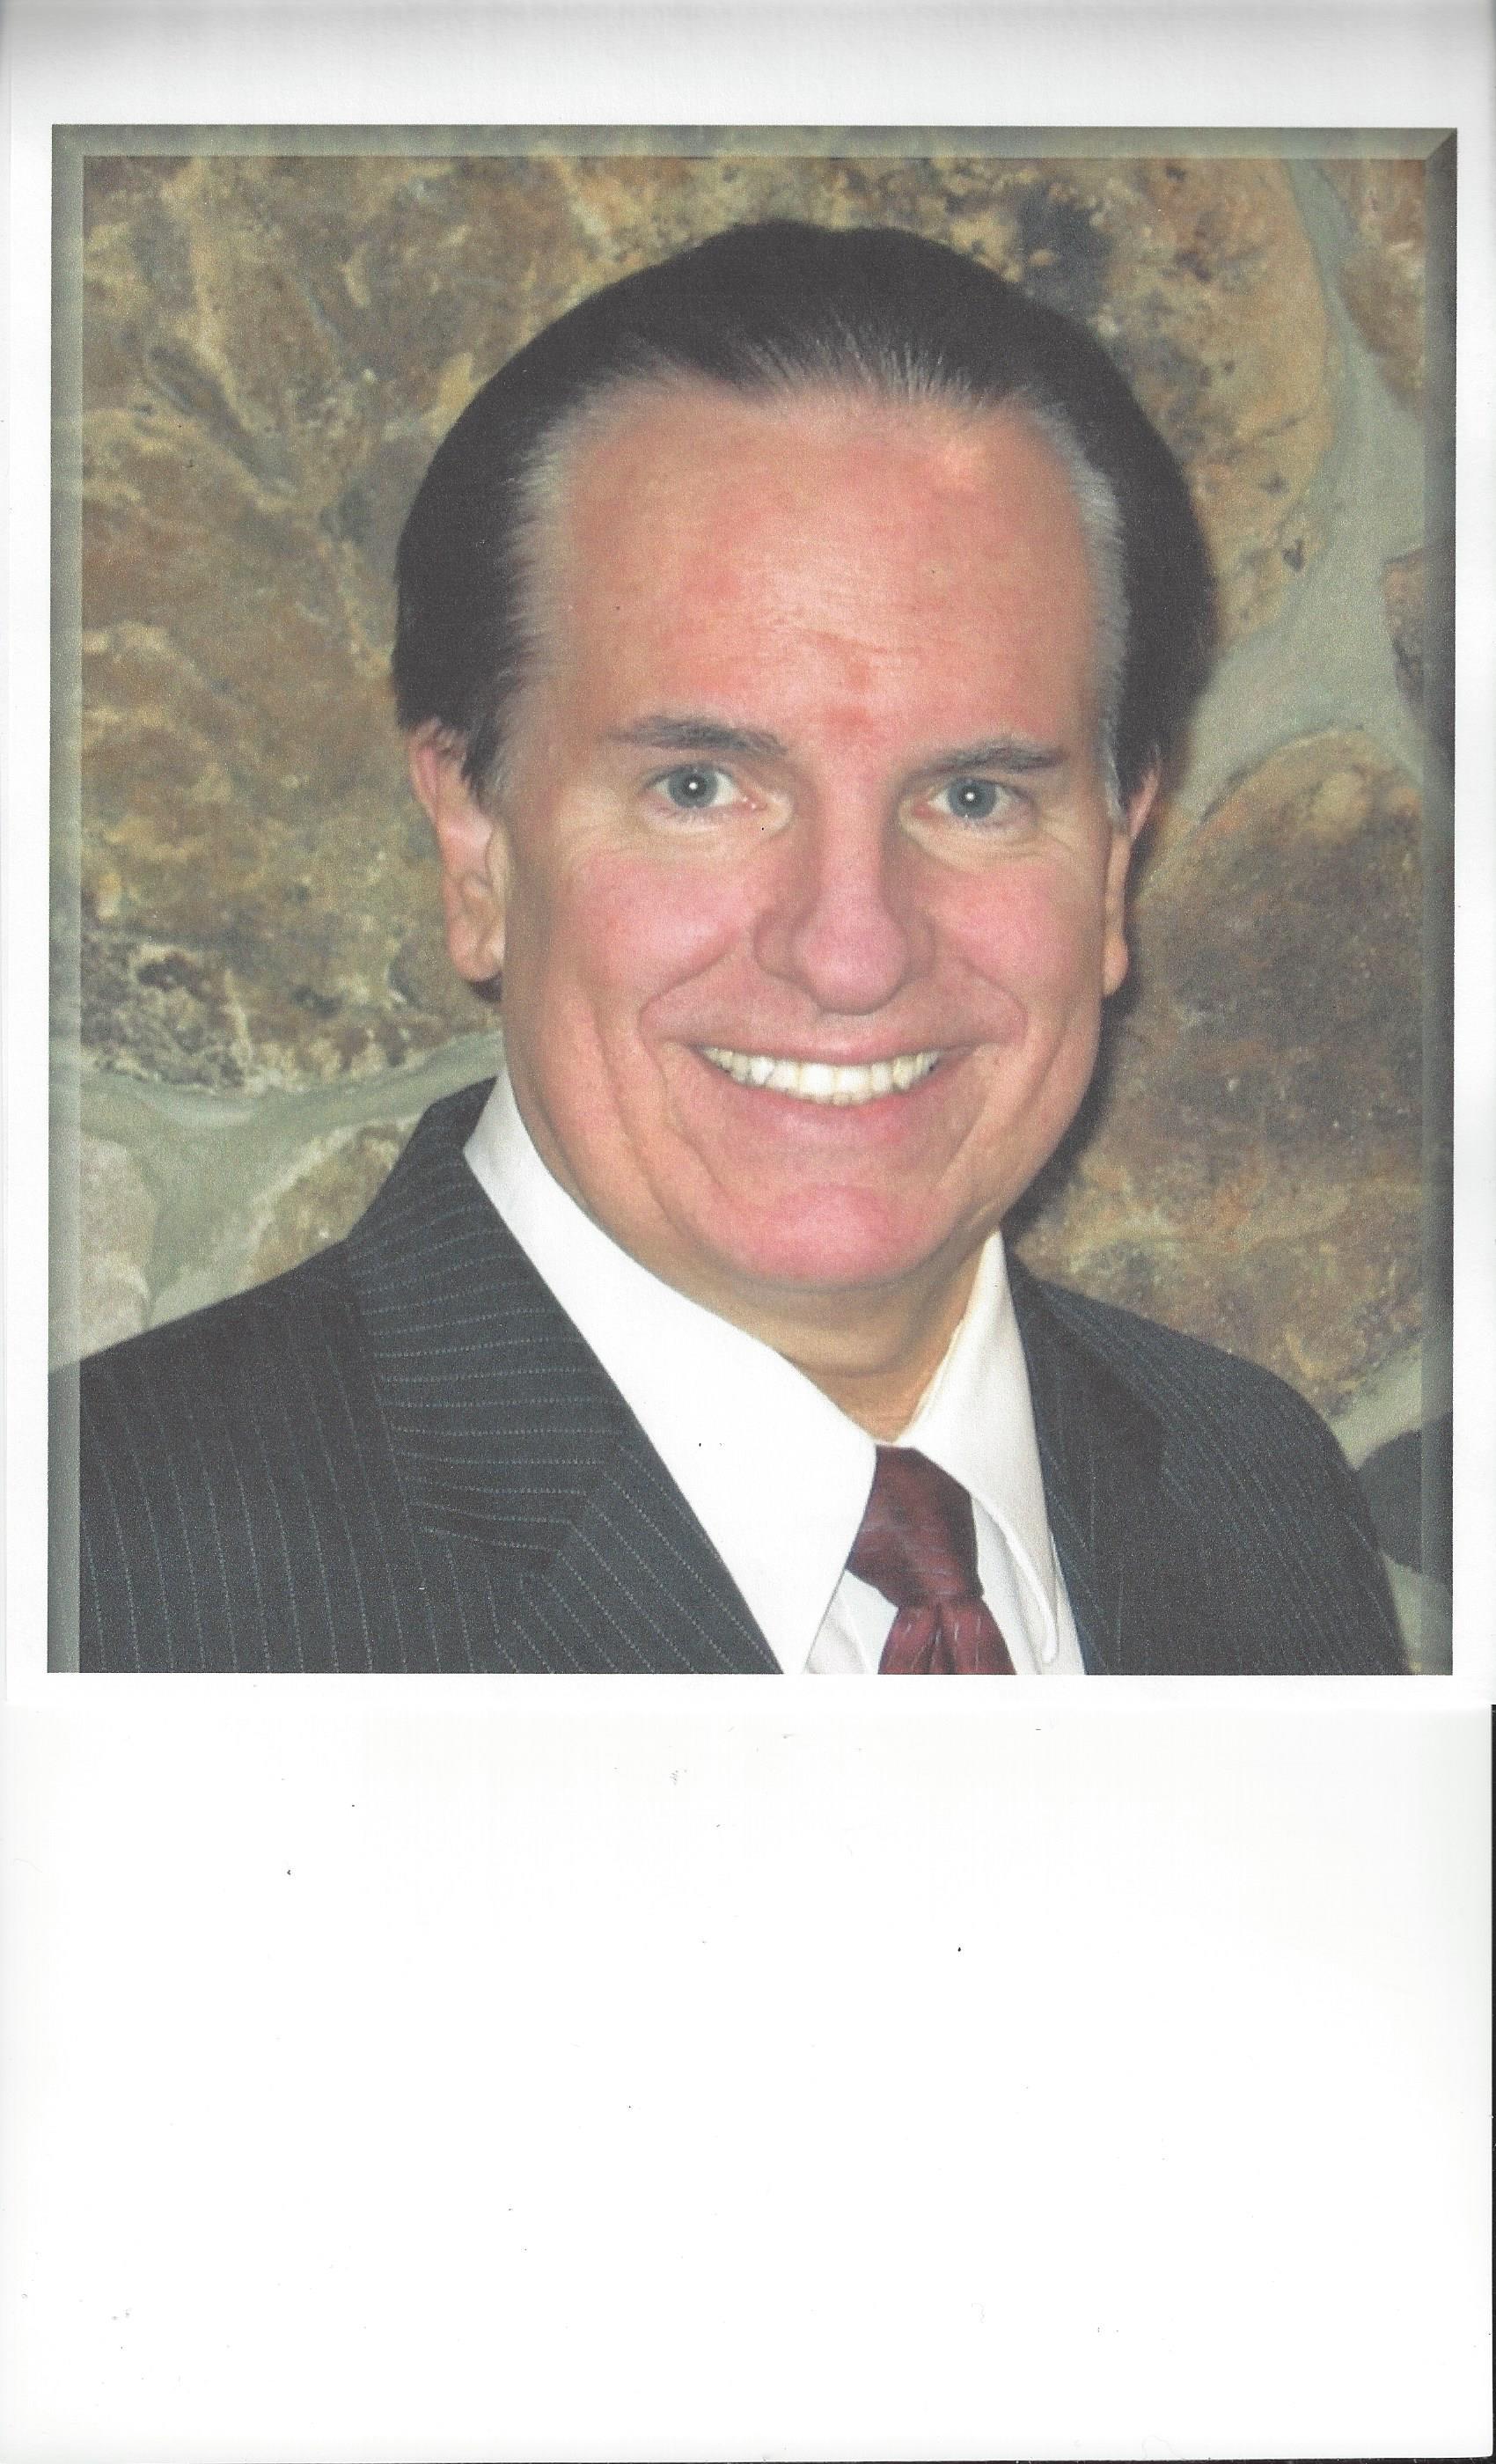 William J. Reisdorf P.C.